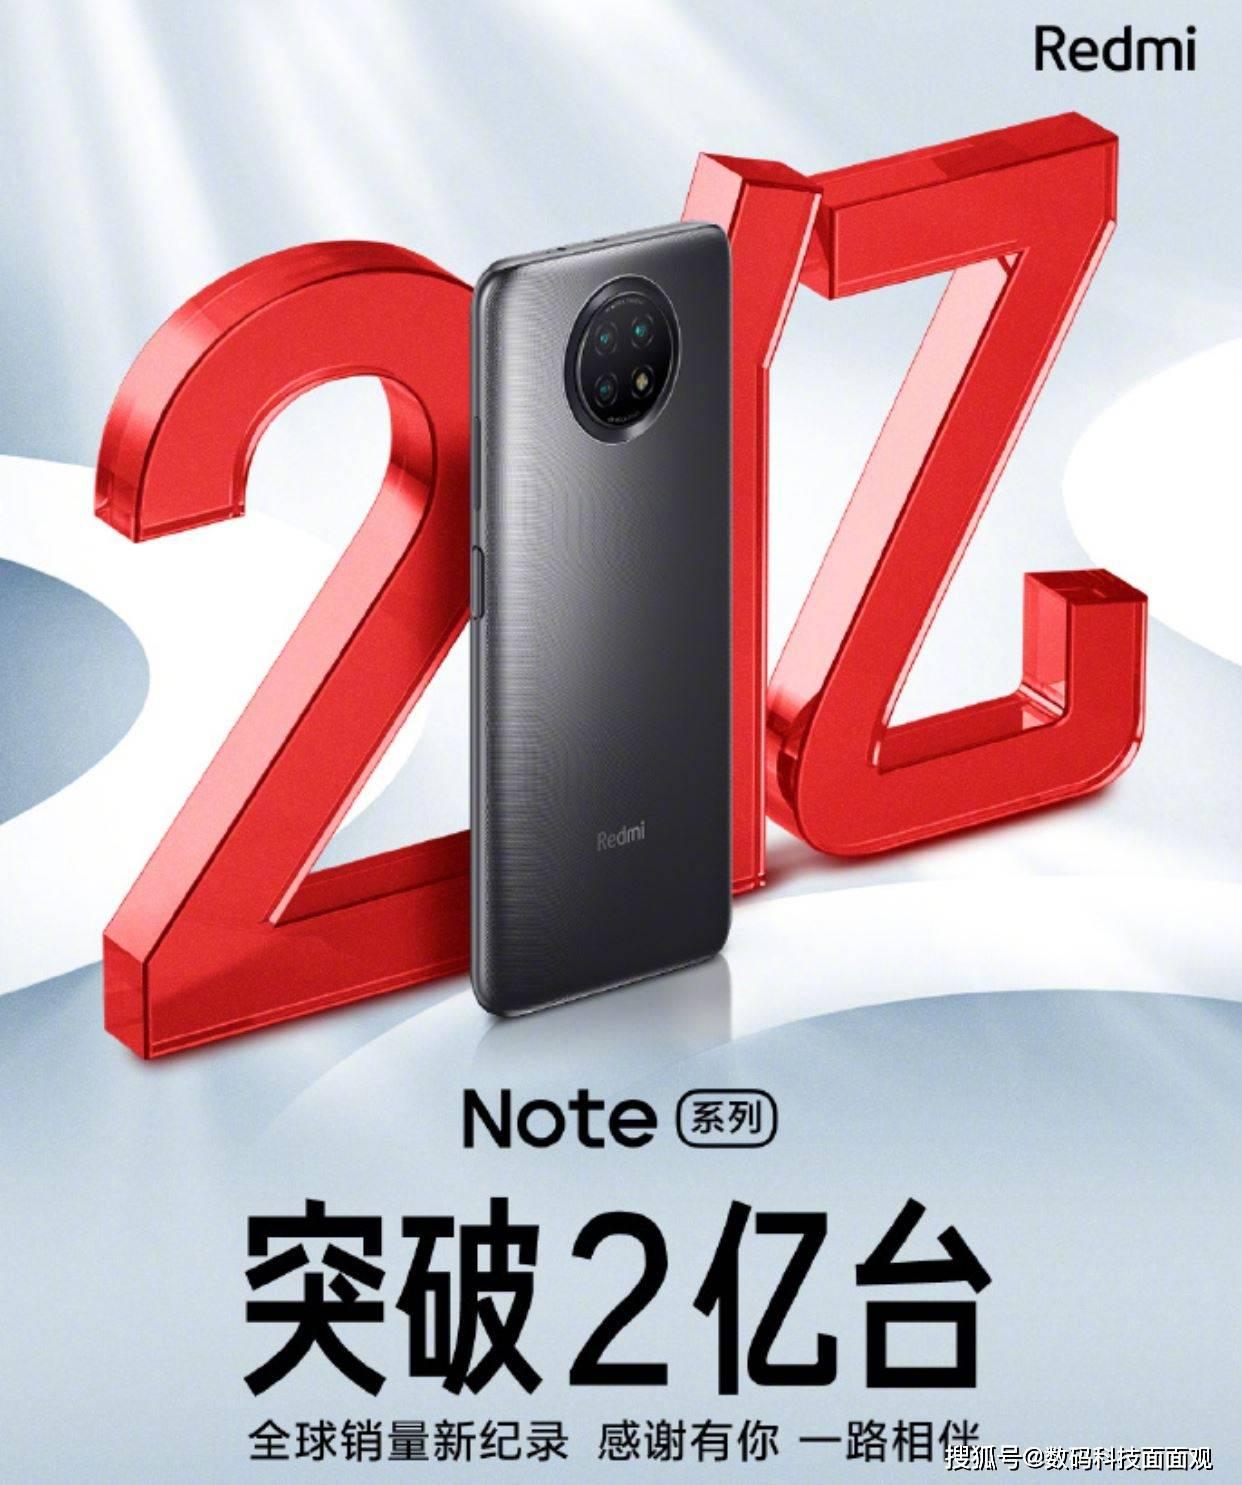 原创             千元内5G手机新宠,小米Redmi Note10 5G亮剑,加速4G手机退场